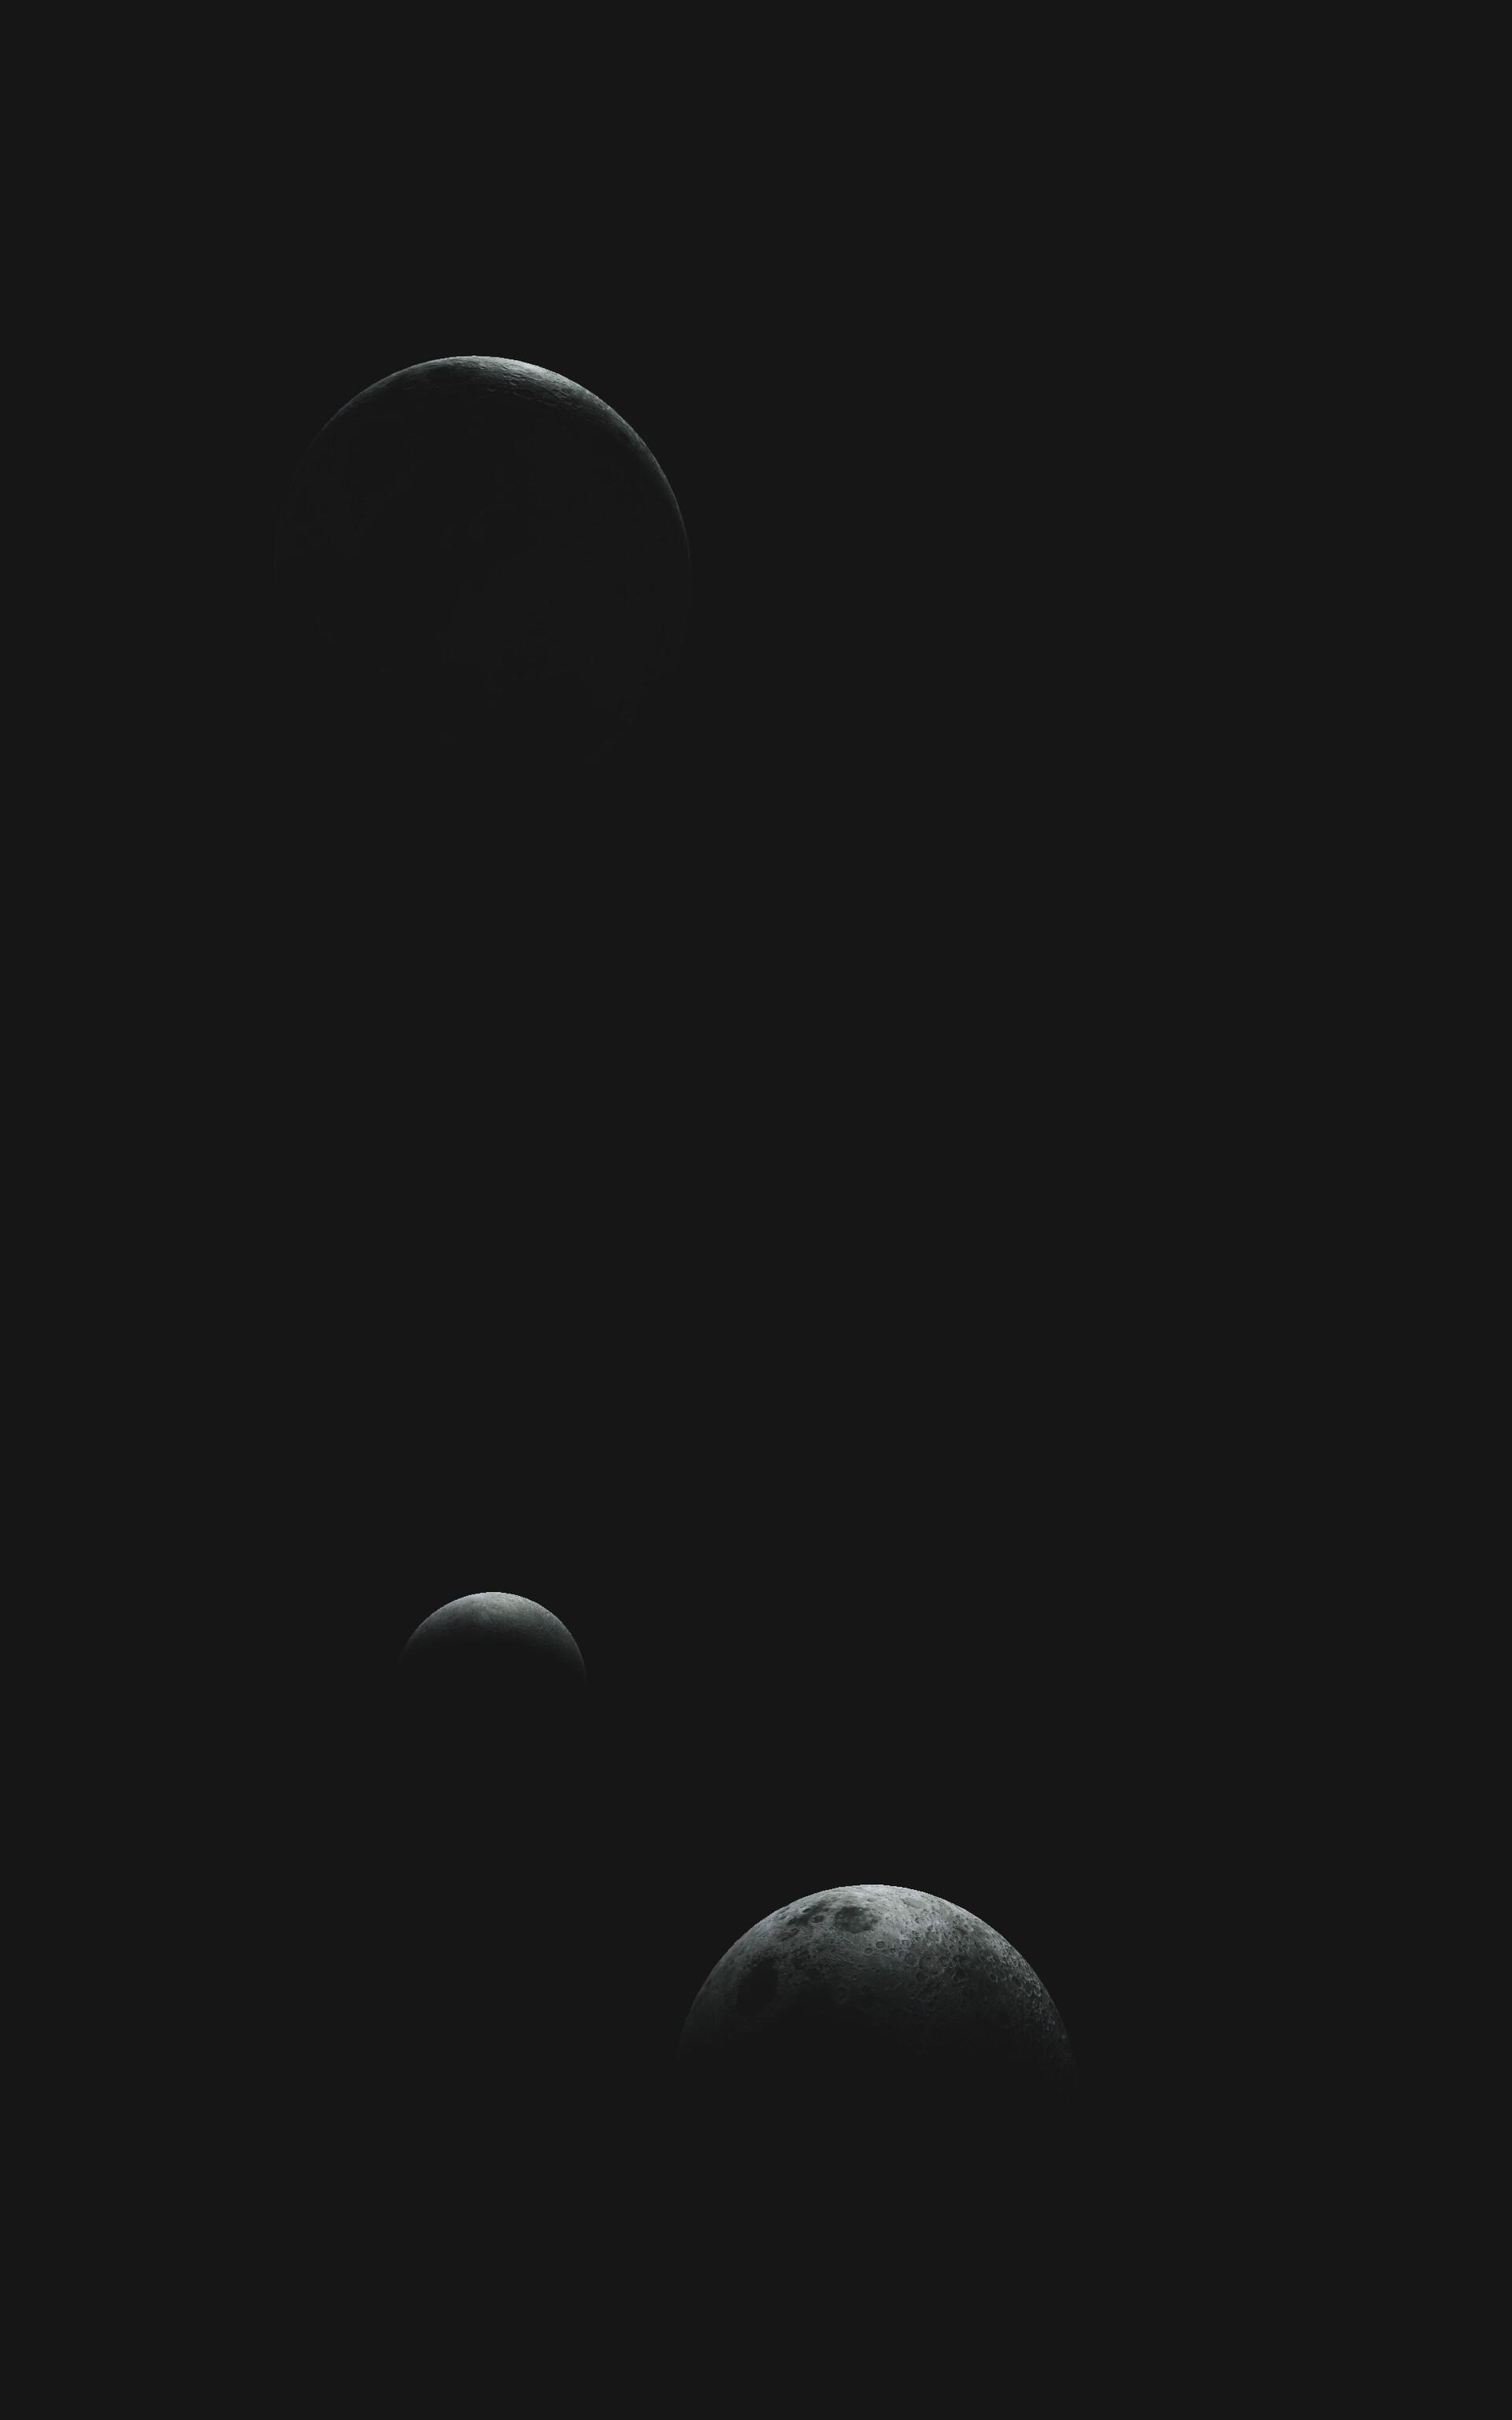 Raul esquivel spacescene 20191010 093905 v2